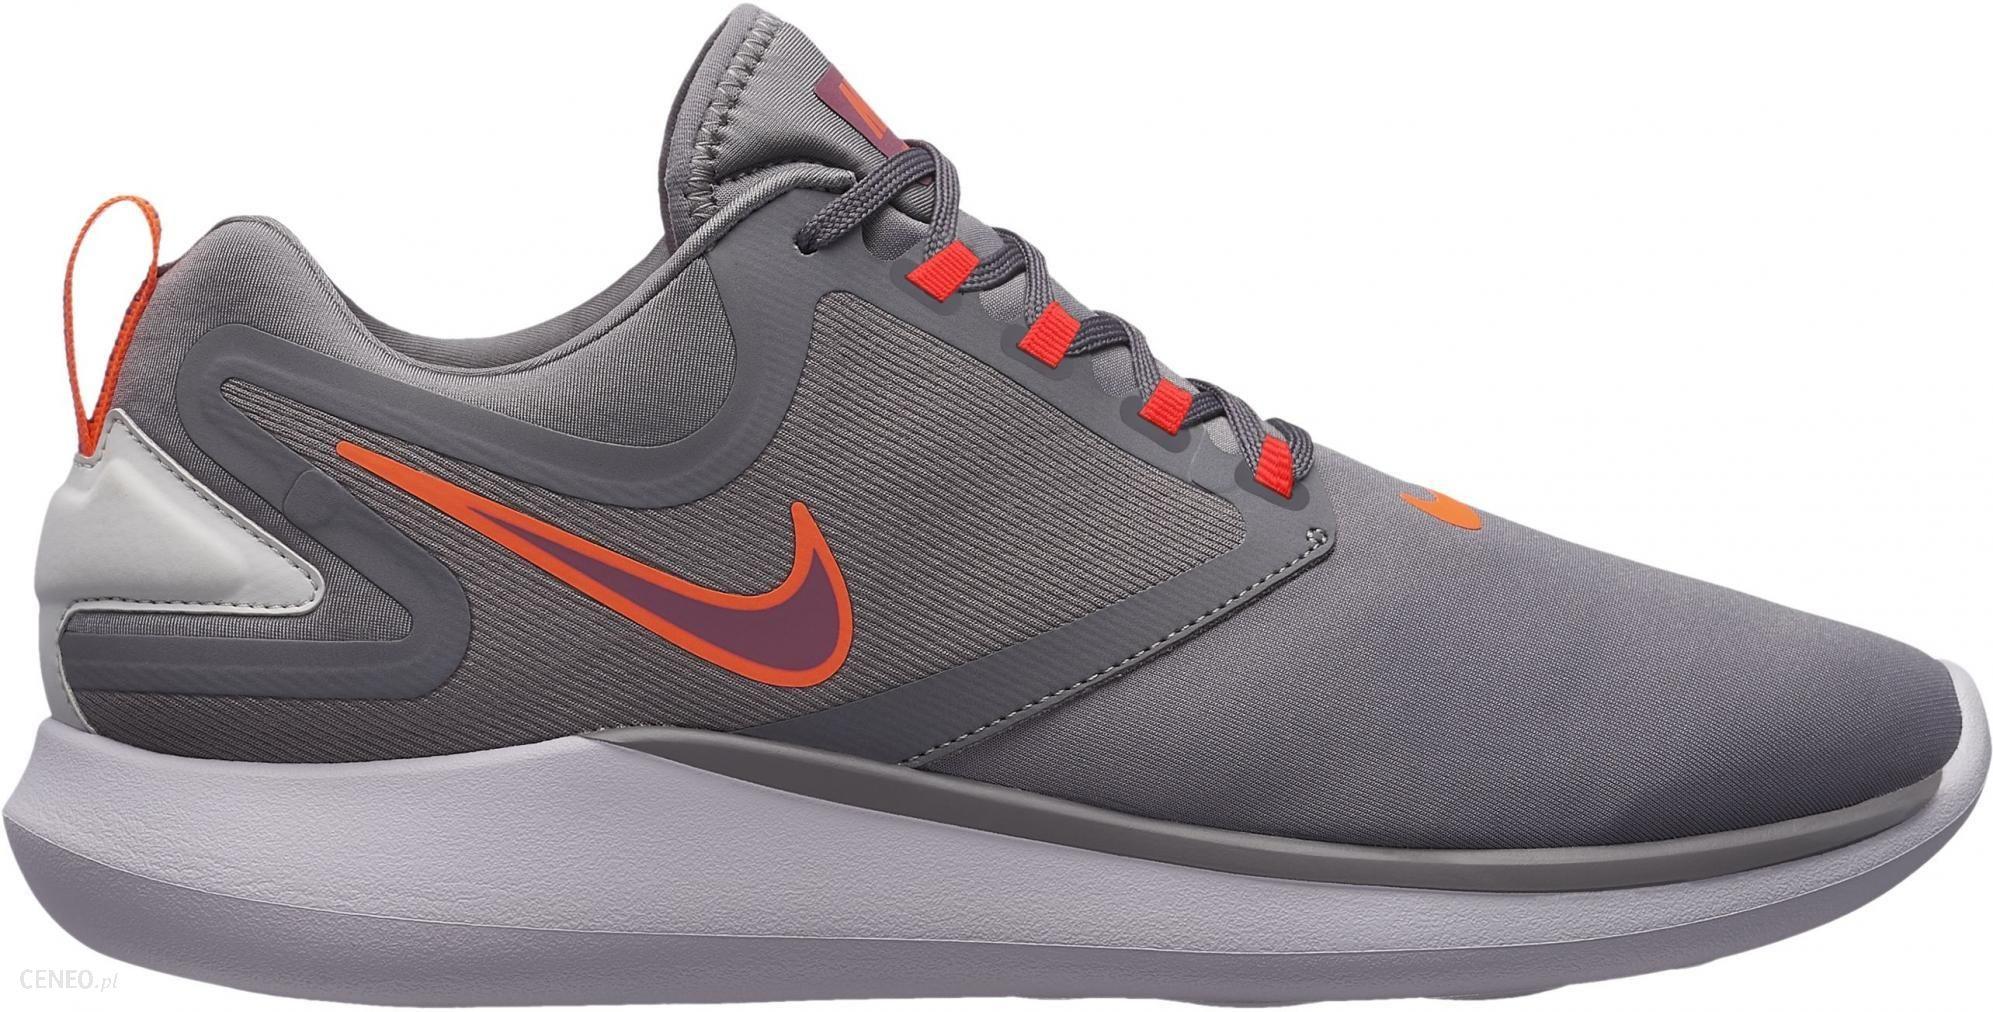 Nike buty do biegania męskie LunarSolo Running Shoe, grey 46 Ceny i opinie Ceneo.pl